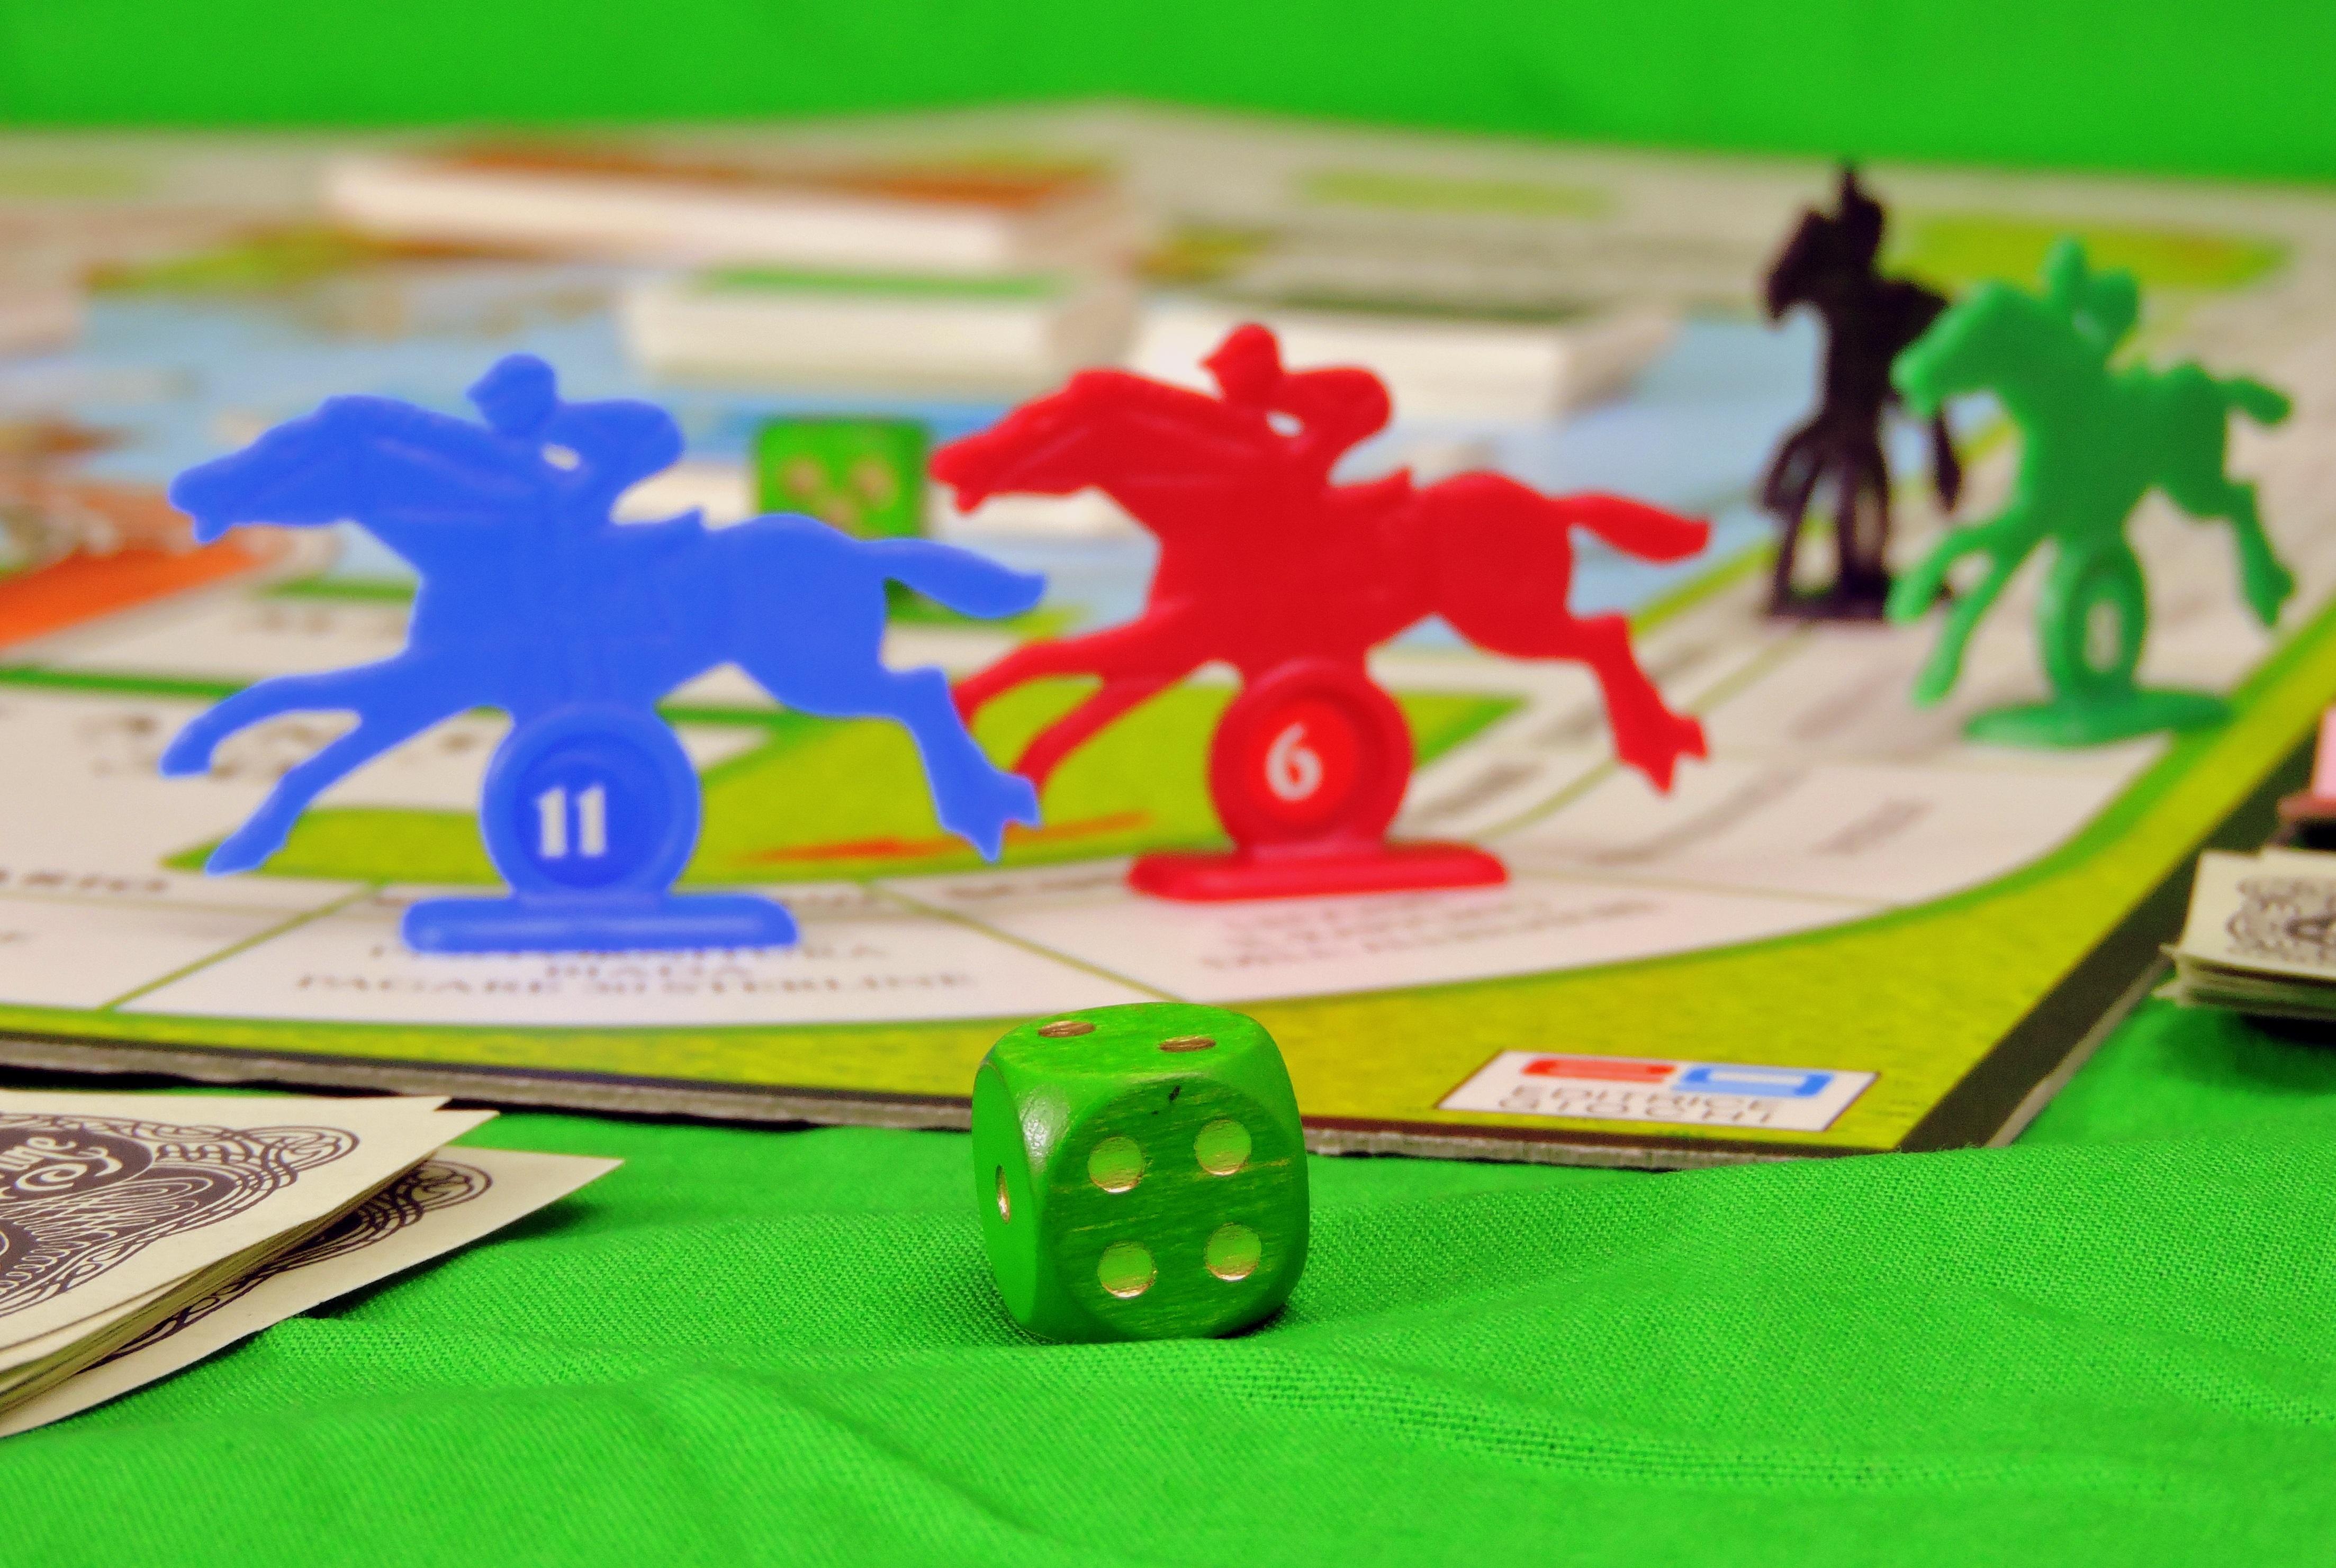 Best betting board games stryker binary options